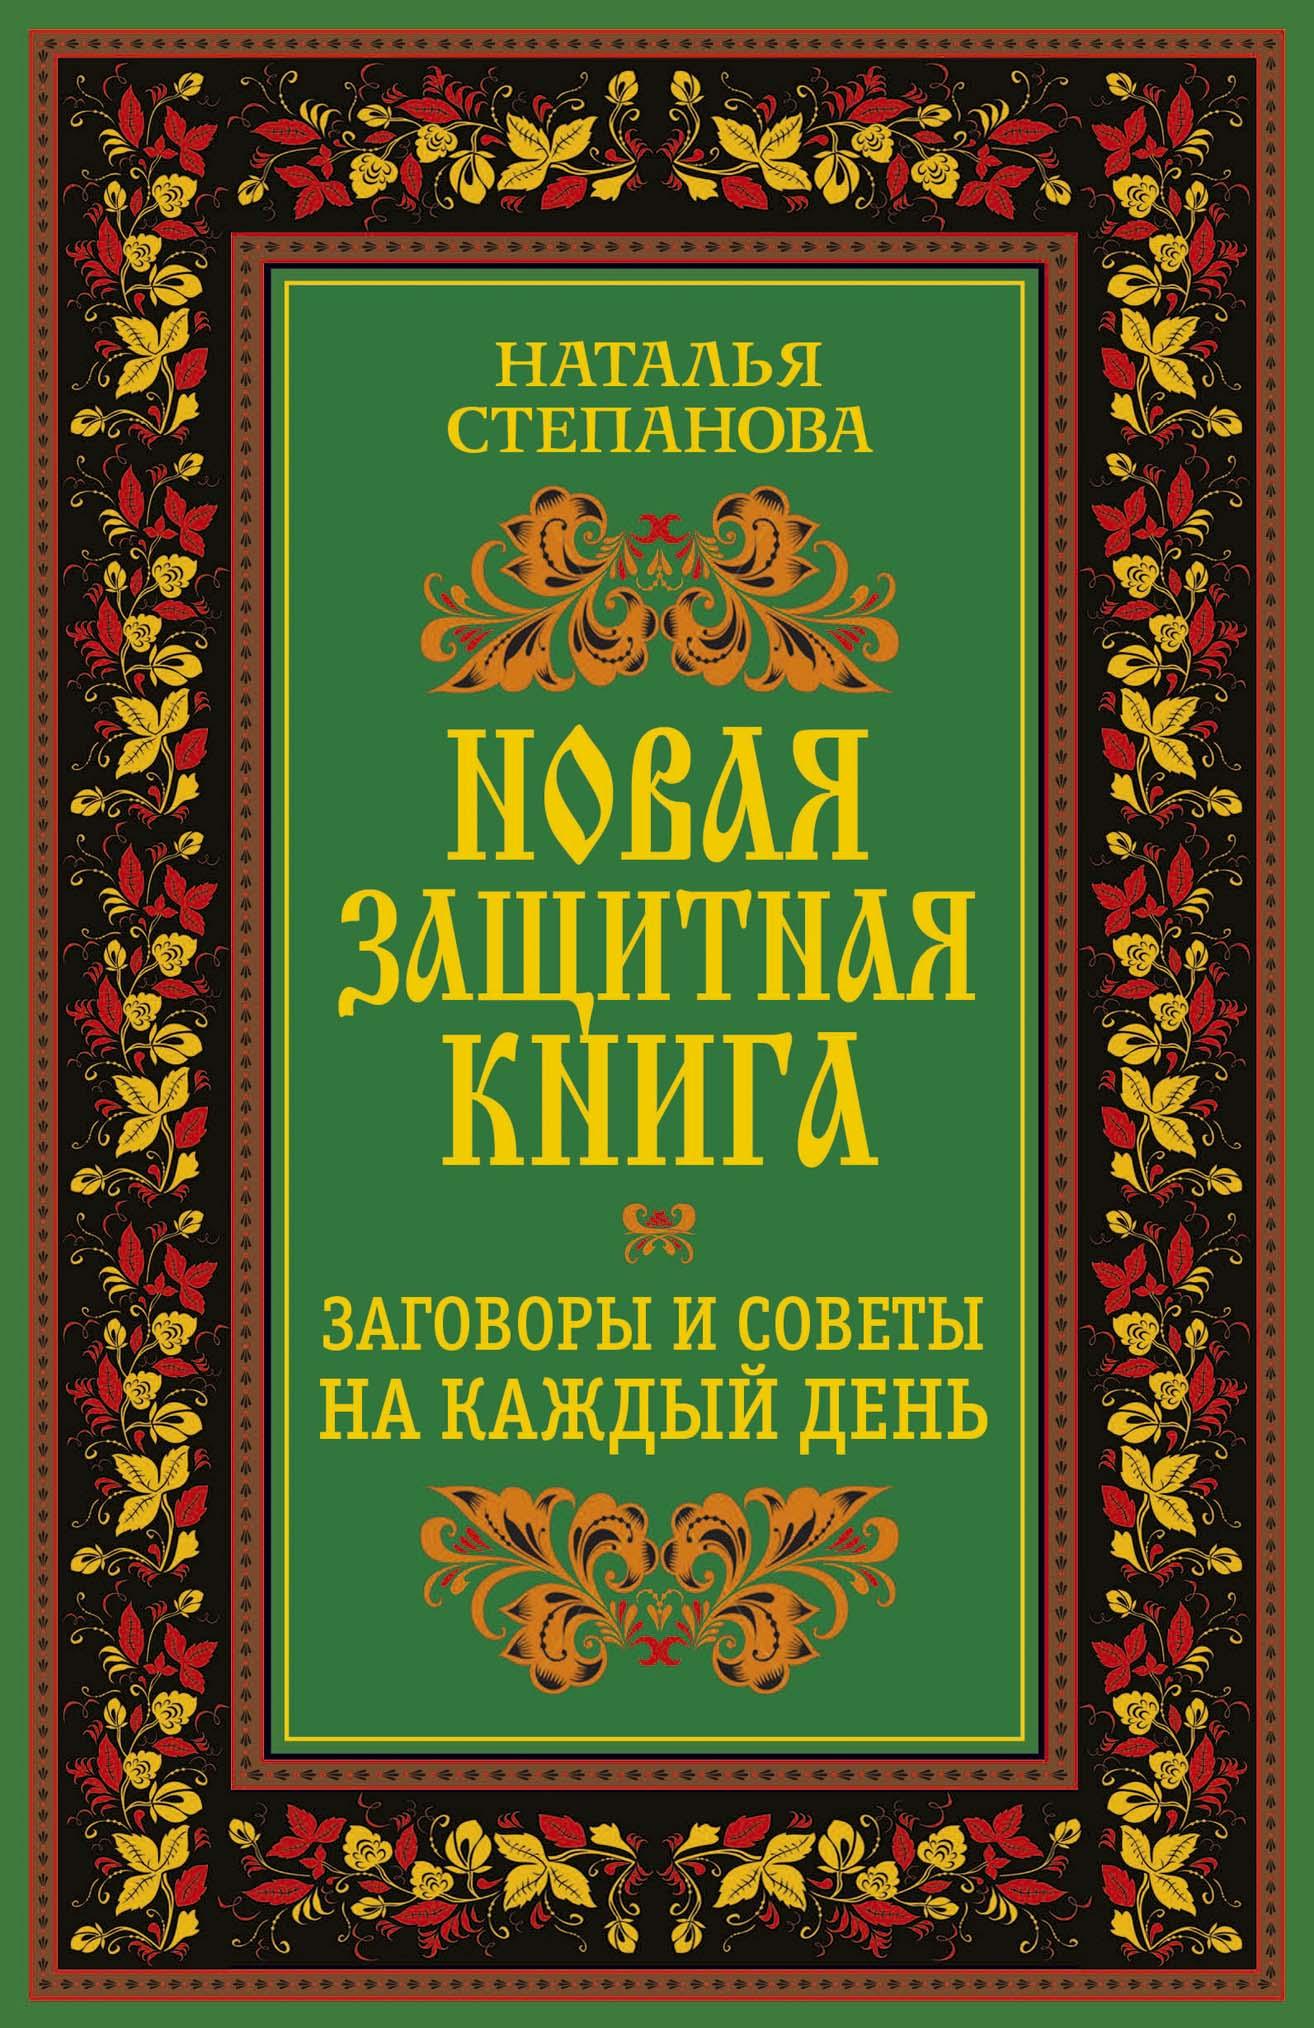 Наталья Степанова Новая защитная книга. Заговоры и советы на каждый день